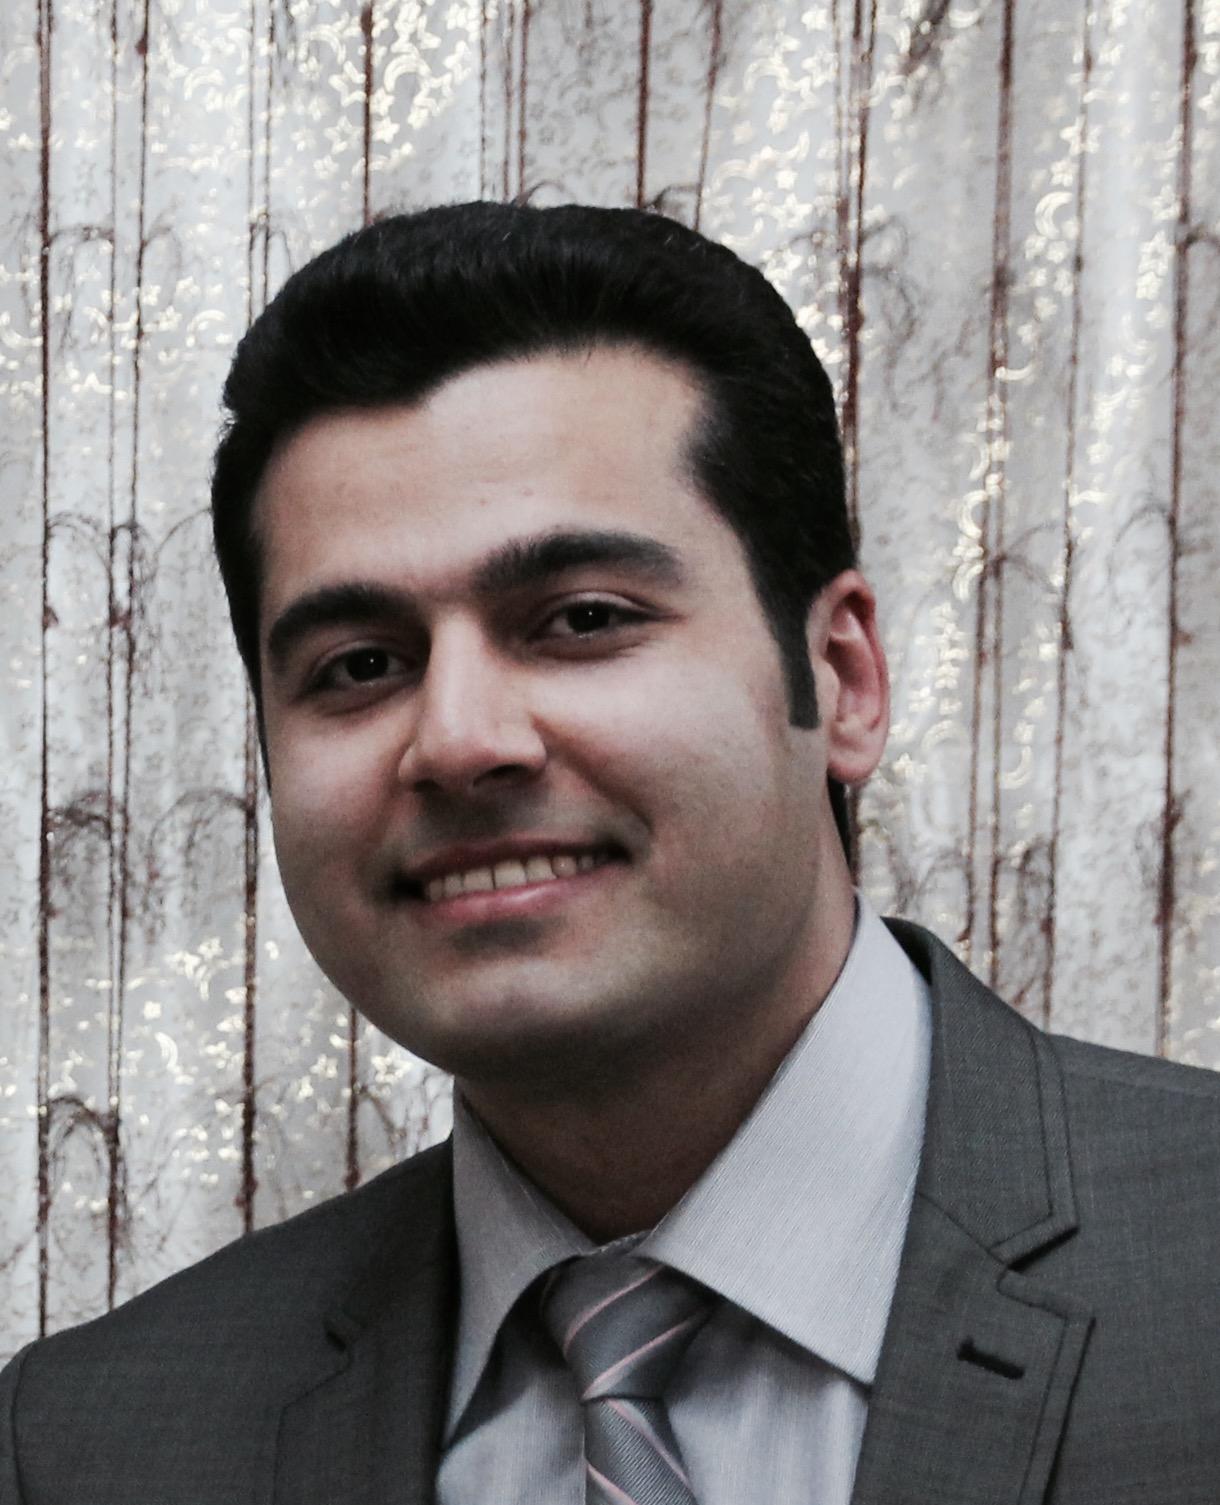 Mohamad Ahmadi